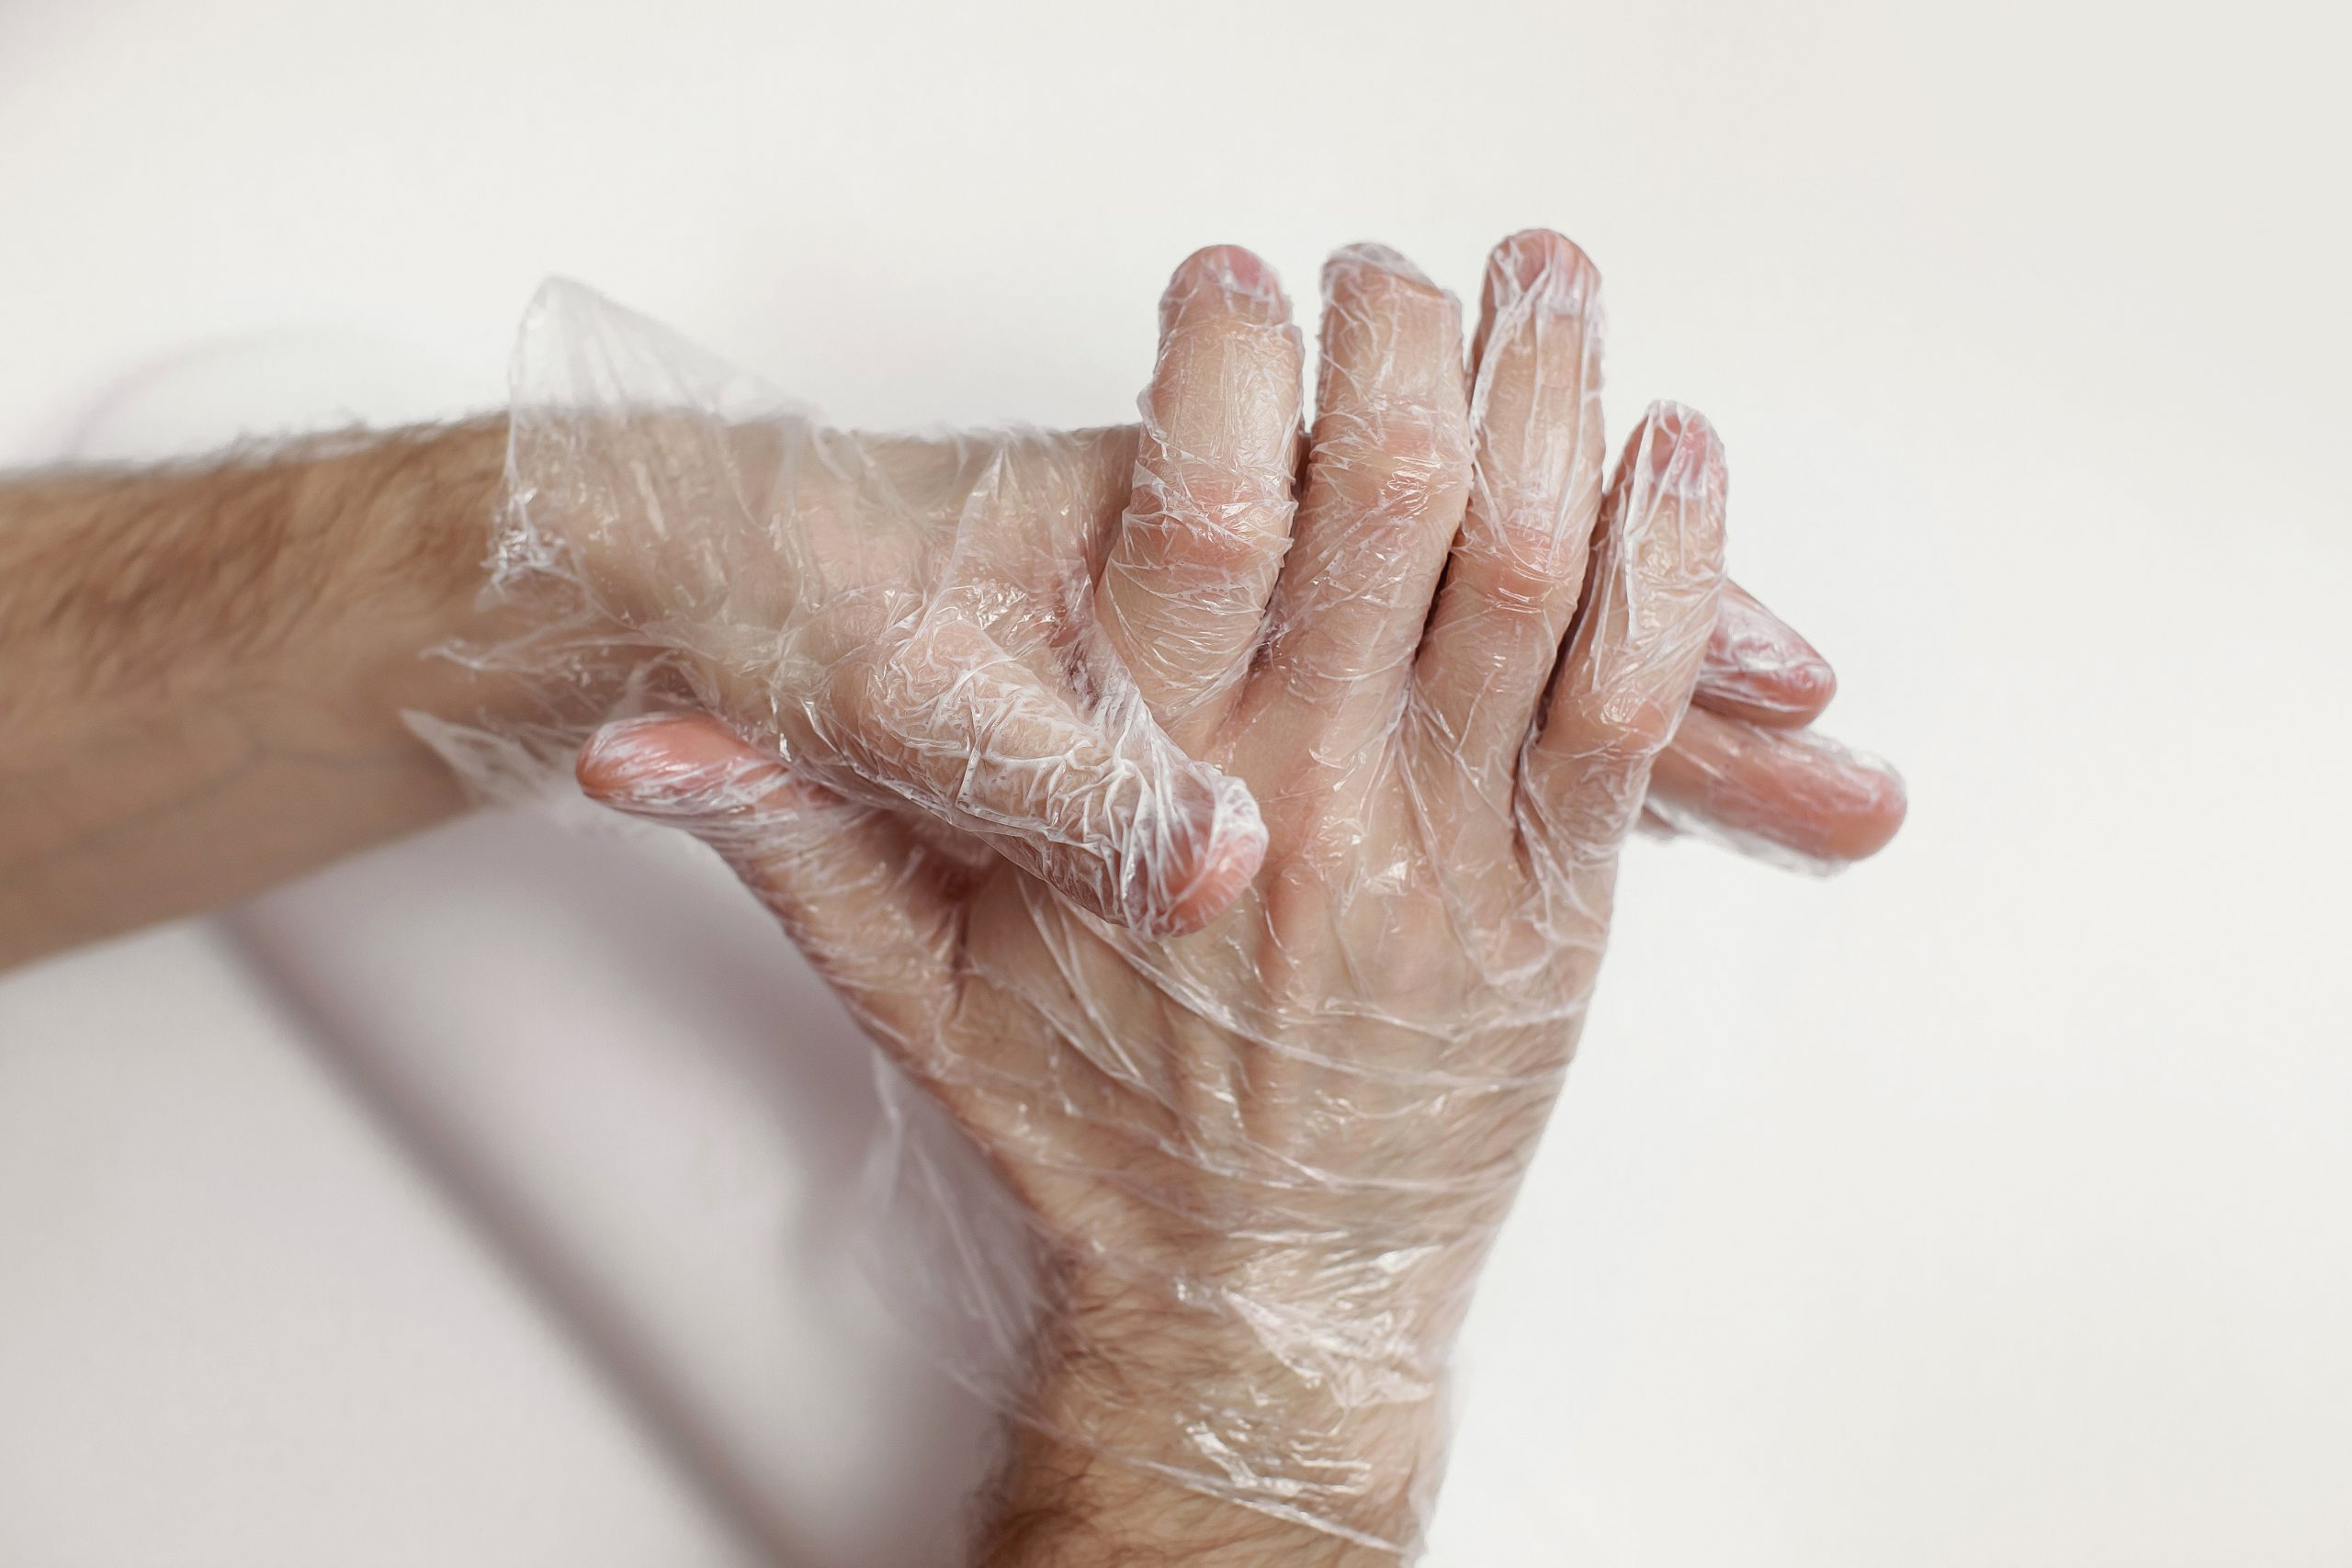 manicura masculina pamplona